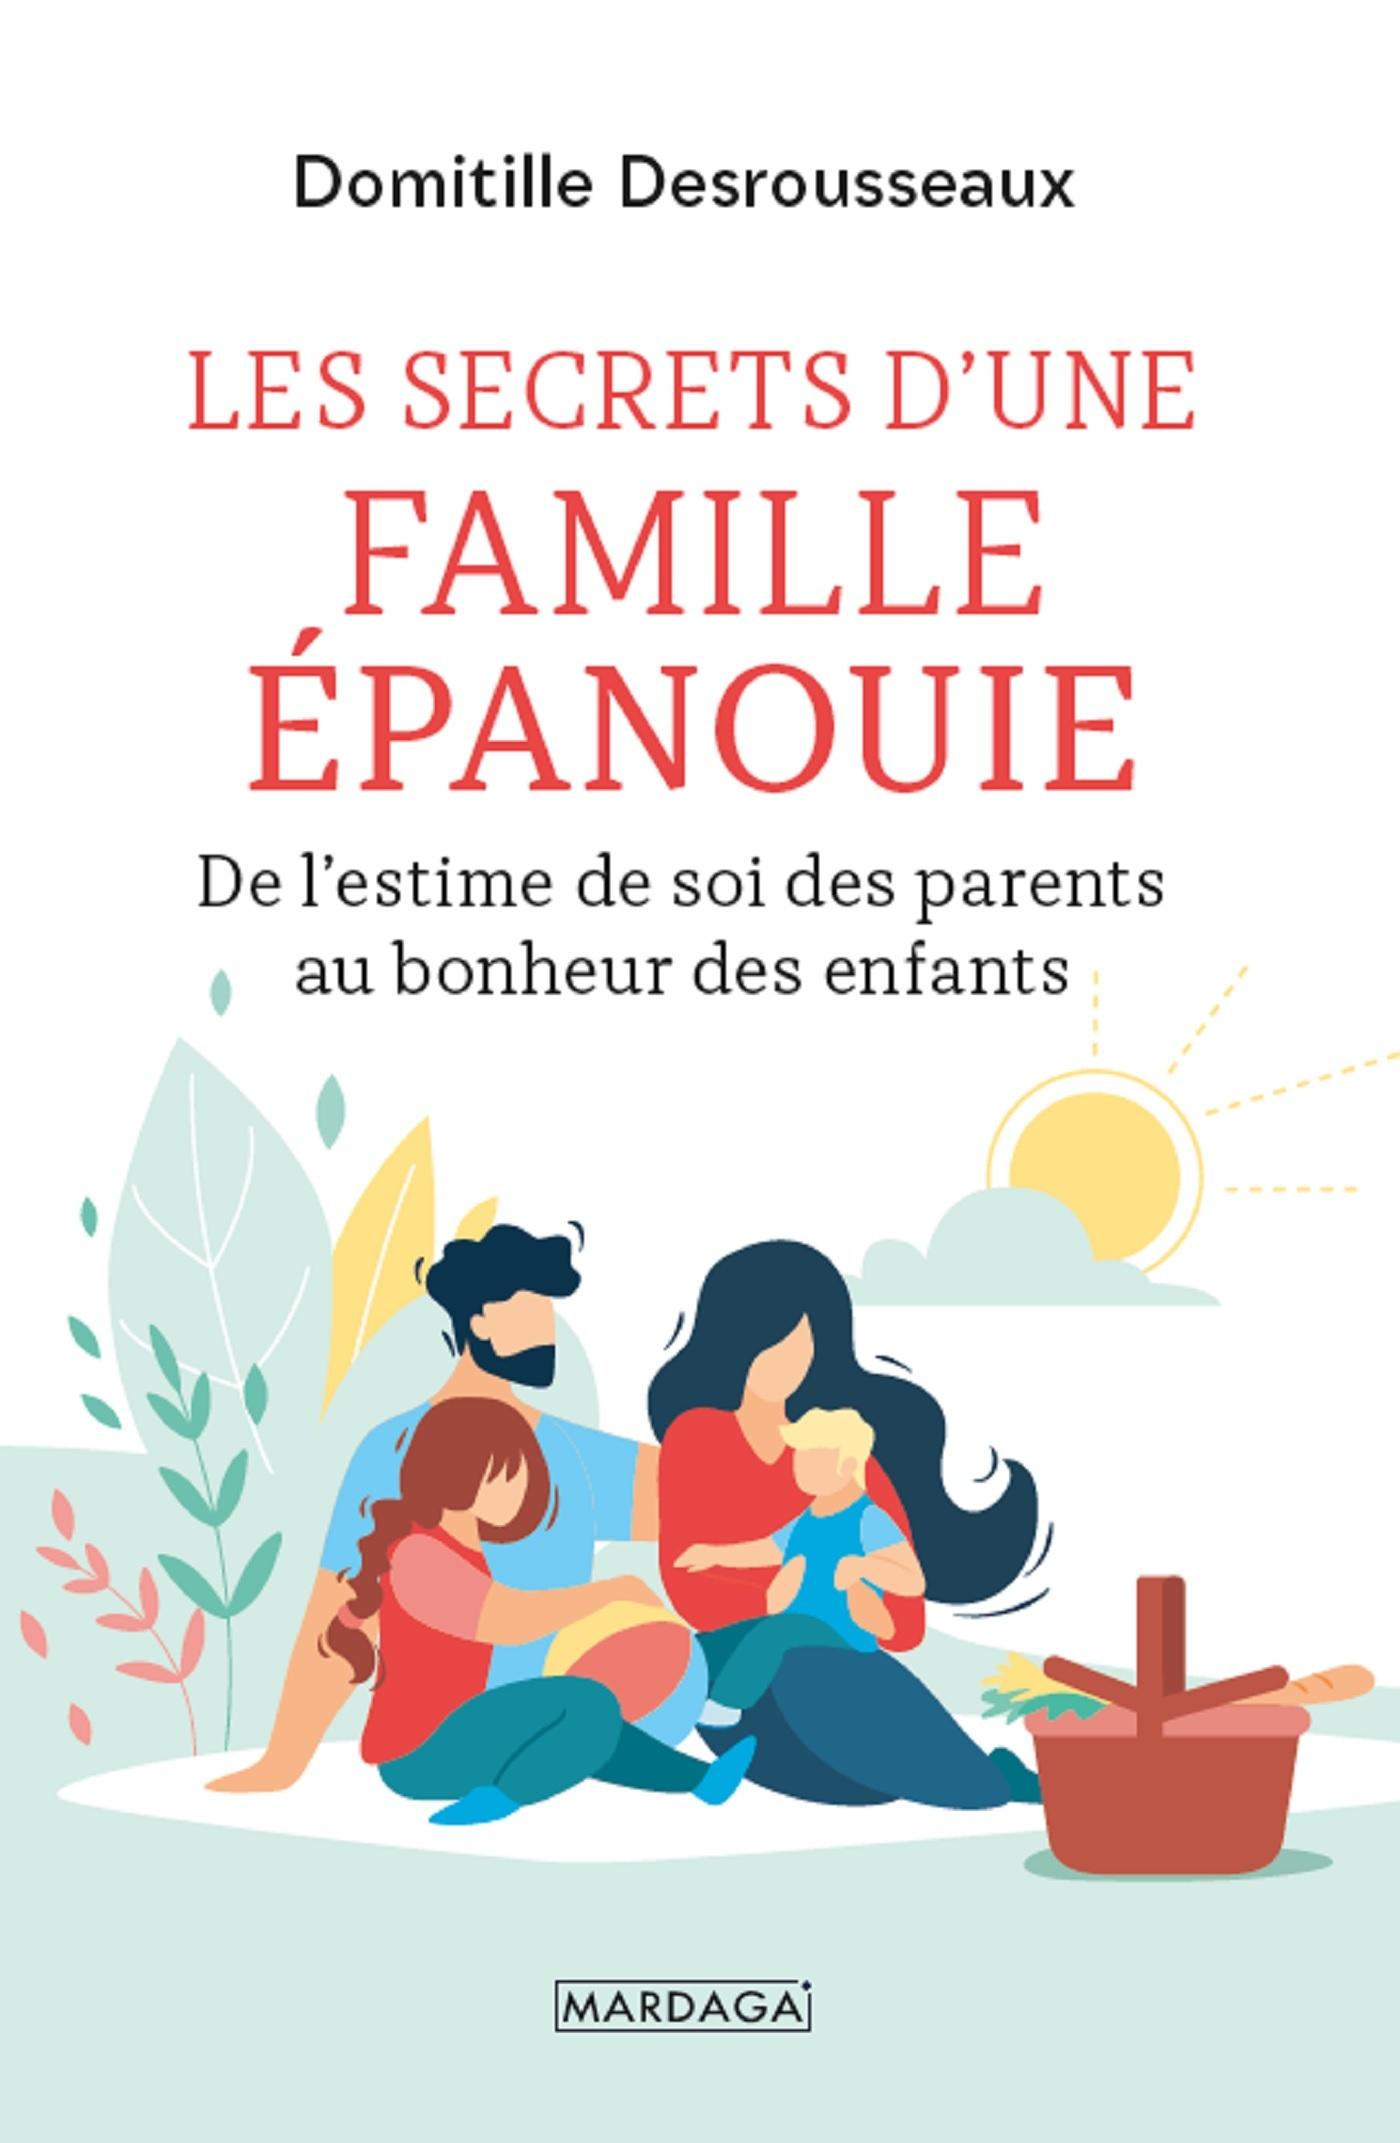 LES SECRETS D'UNE FAMILLE EPANOUIE - DE L'ESTIME DE SOI DES PARENTS AU BONHEUR DES ENFANTS